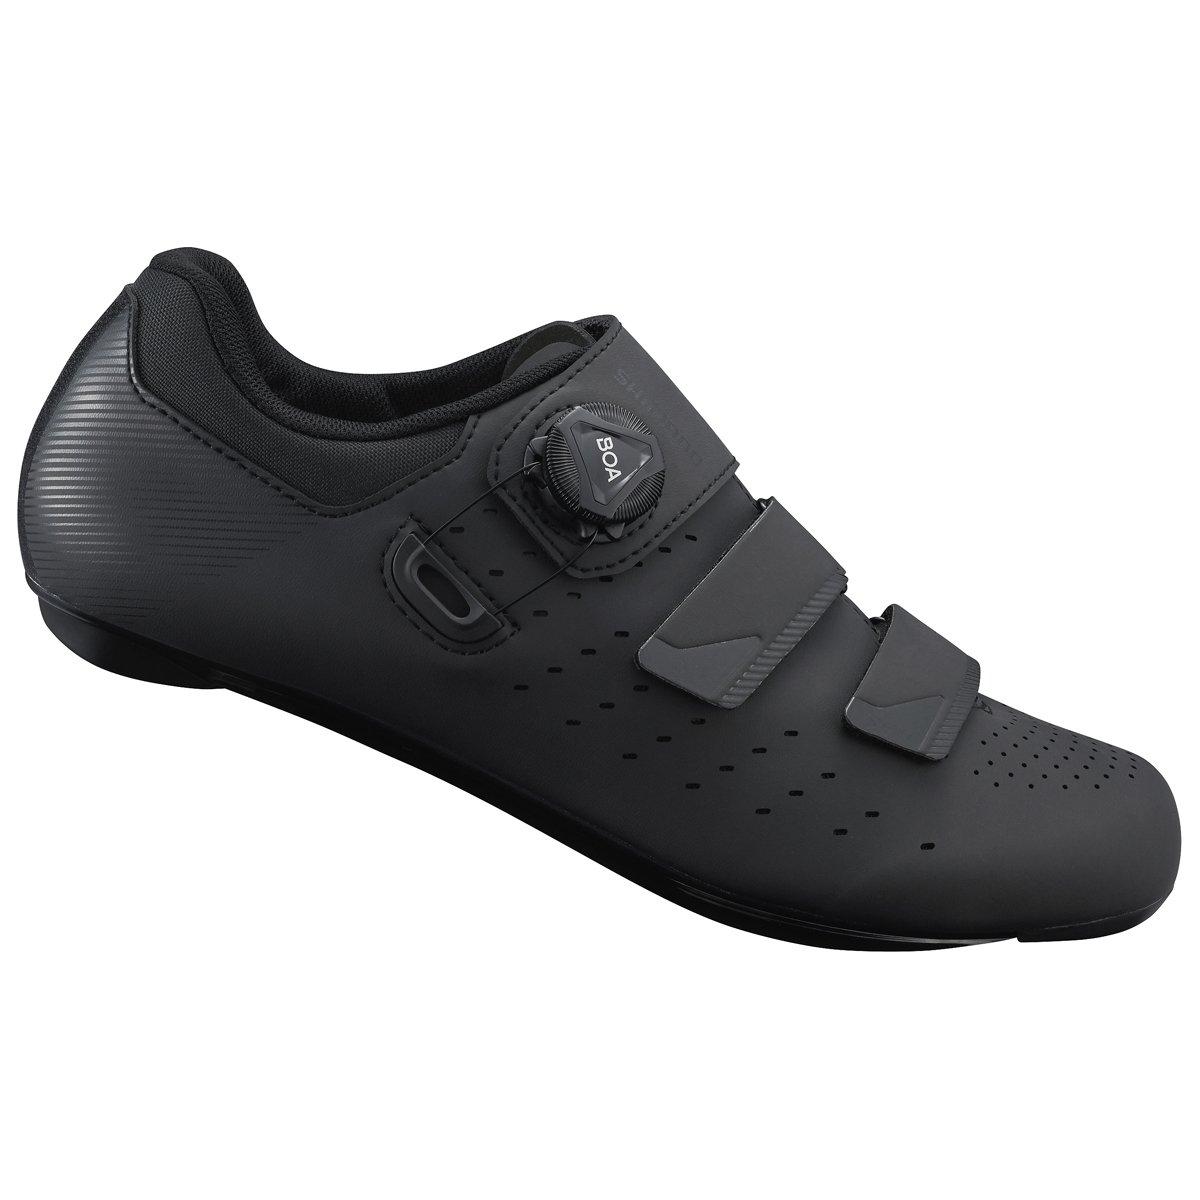 3126744fa05b Shimano RP400 Cykelsko Sort Herre med Drejespænde | Shoes and overlays